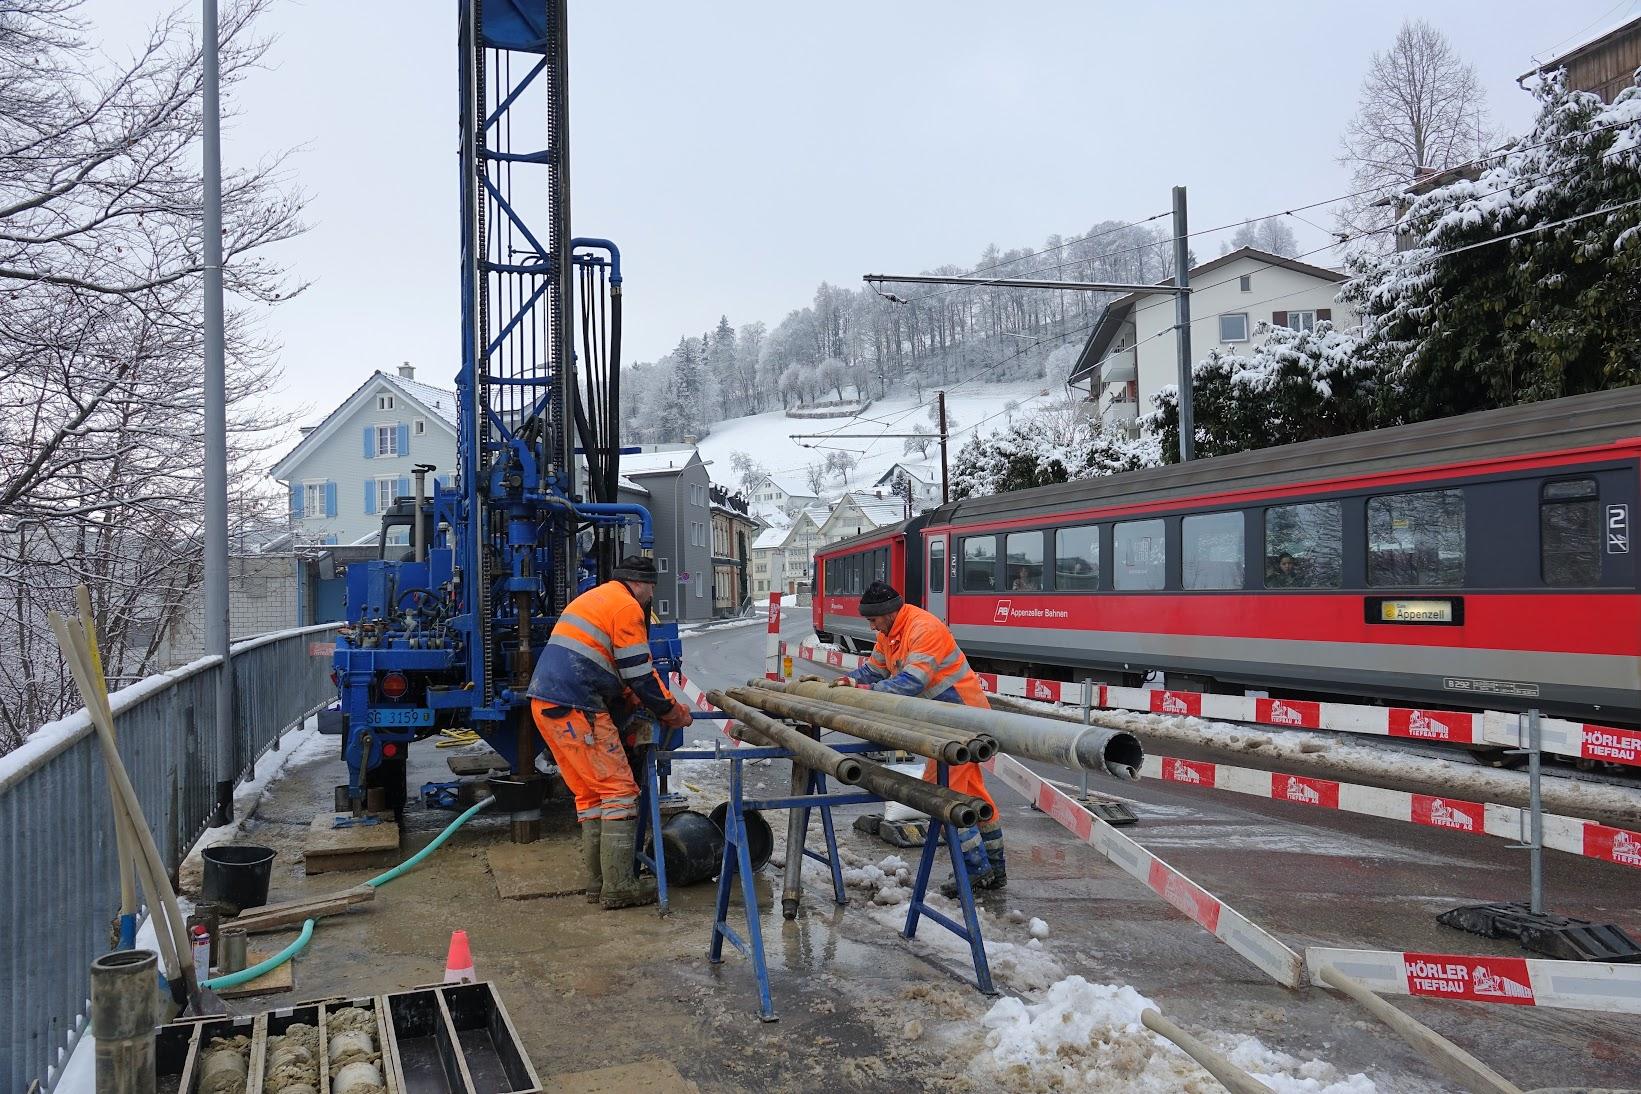 Hangbrücke: Es wird gebohrt | Tüüfner Poscht – die Dorfzeitung von ...